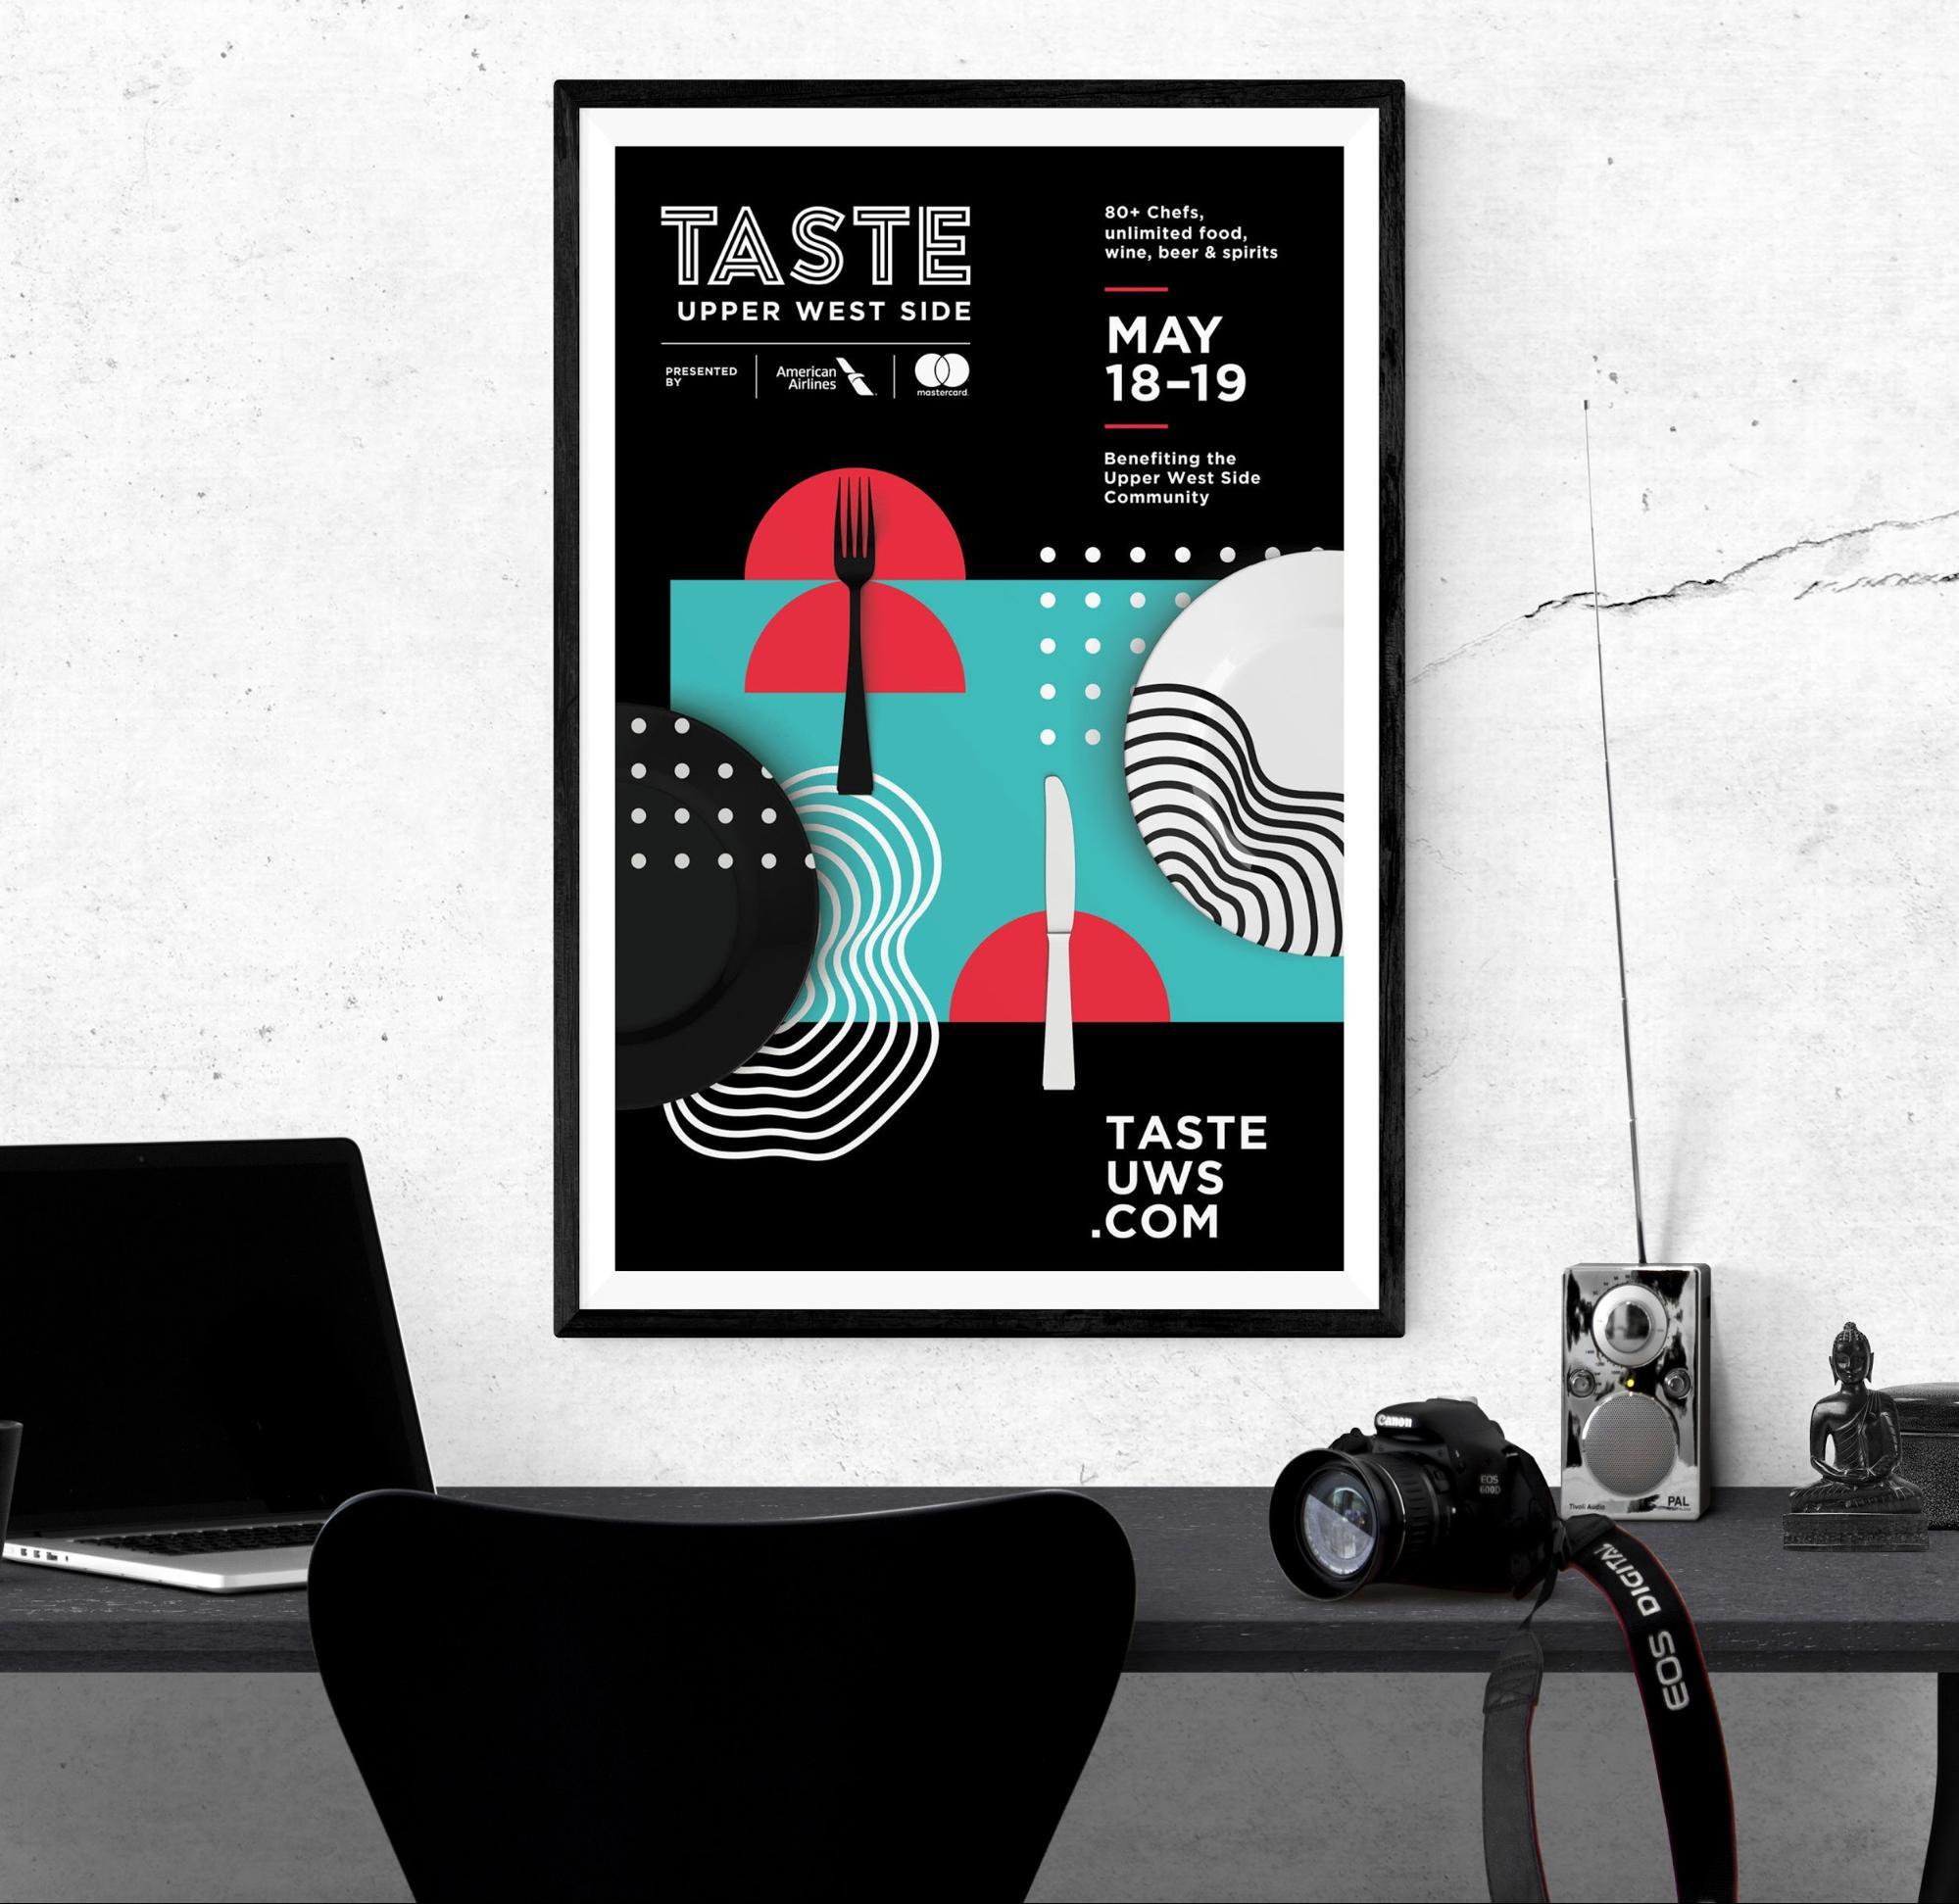 Tendencias de diseño gráfico 2019